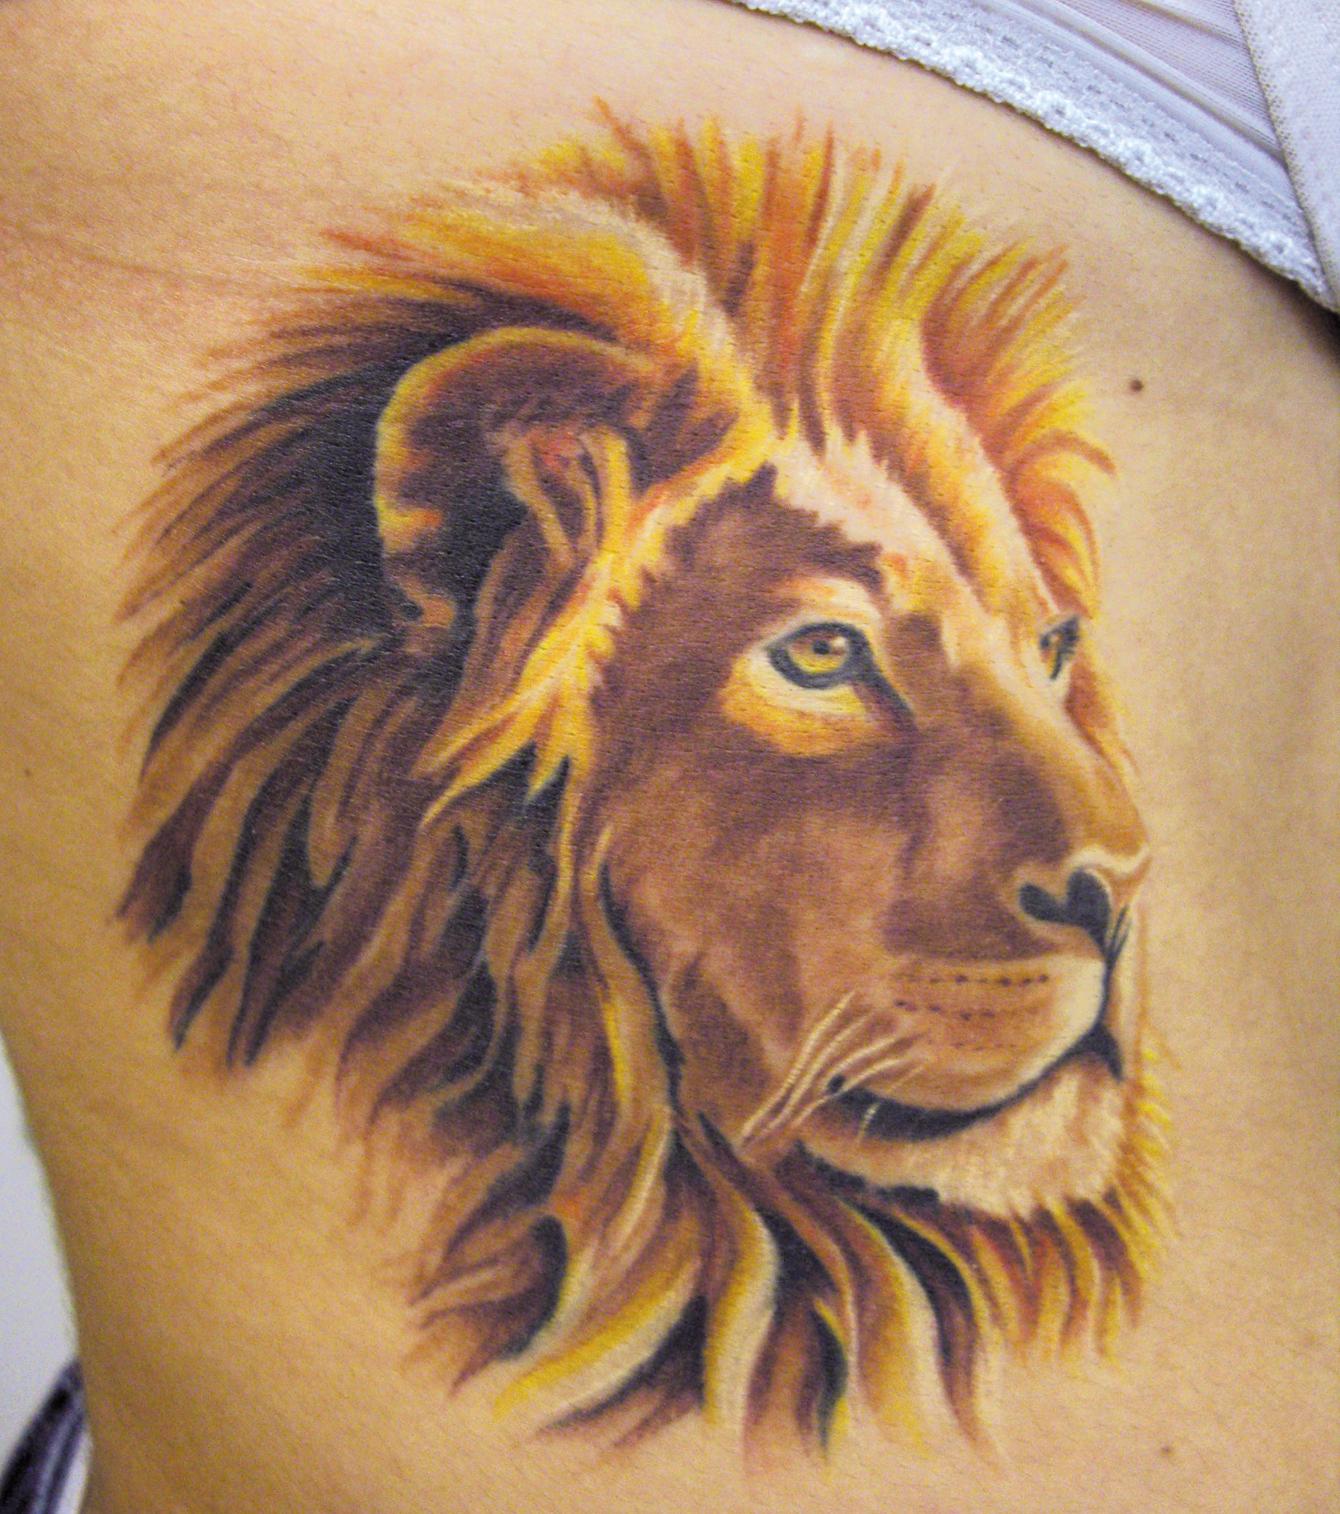 Löwentattoo 20 Majestätische Tattoo Ideen Für Frauen